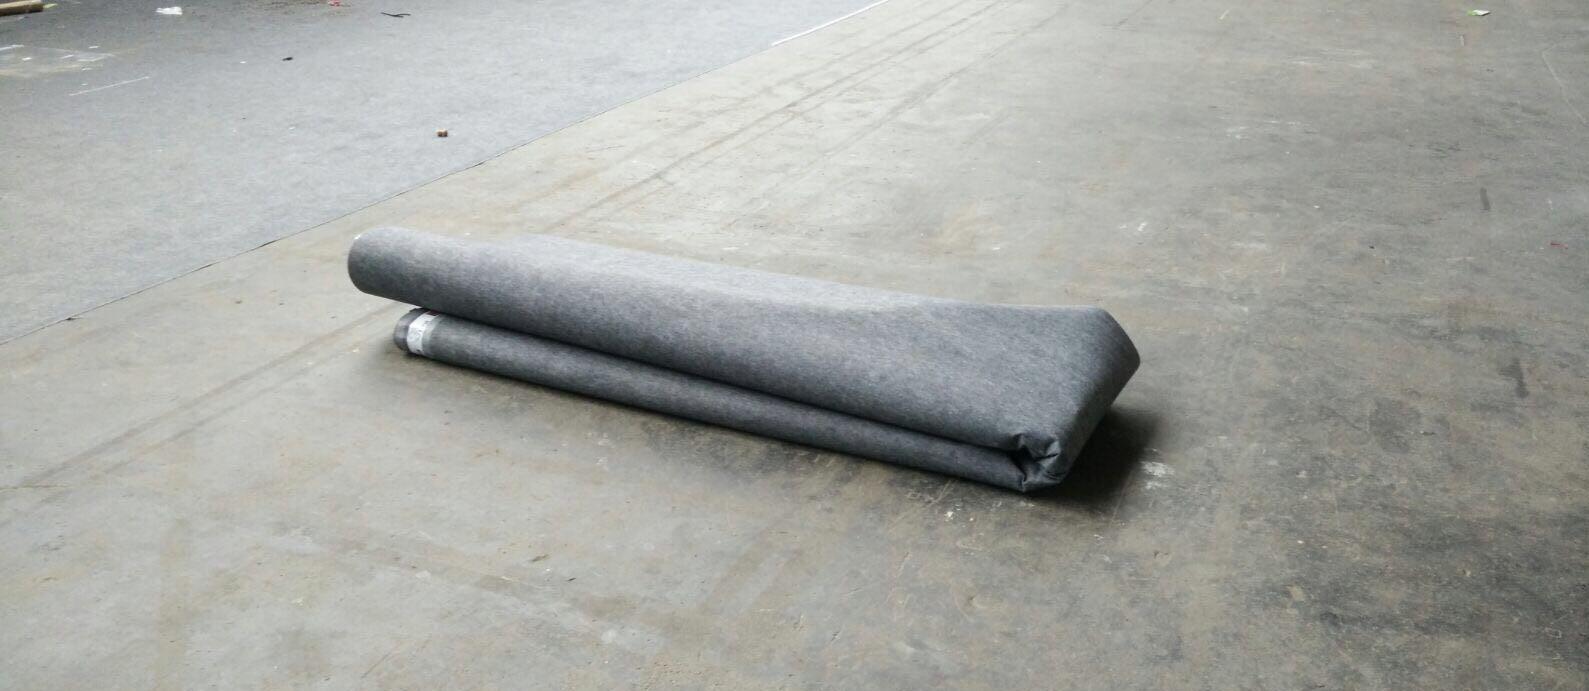 sommer-event-flooring-depoise-moquette